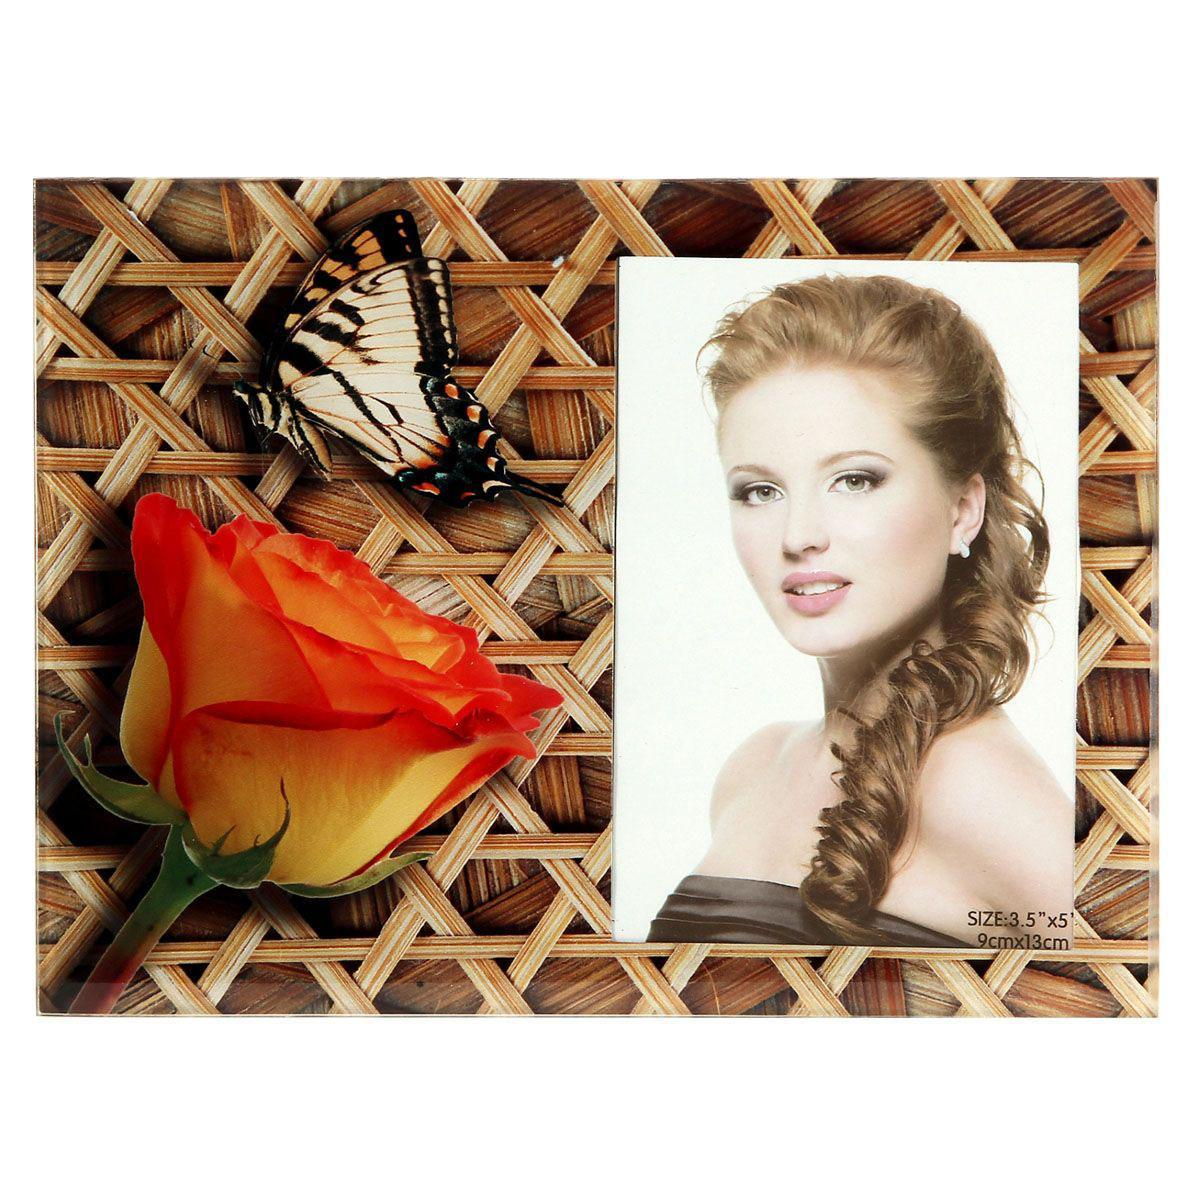 Фоторамка Sima-land Роза с бабочкой на плетенке, цвет: коричневый, 9 х 13 смRG-D31SДекоративная фоторамка Sima-land Роза с бабочкой на плетенке выполнена из стекла и декорирована изображениями розы и бабочки. Обратная сторона рамки оснащена специальной ножкой, благодаря которой ее можно поставить на стол или любое другое место в доме или офисе. Такая фоторамка украсит ваш интерьер оригинальным образом, а также позволит сохранить память о дорогих вам людях и интересных событиях вашей жизни. С ней вы сможете не просто внести в интерьер своего дома элемент оригинальности, но и создать атмосферу загадочности и изысканности.